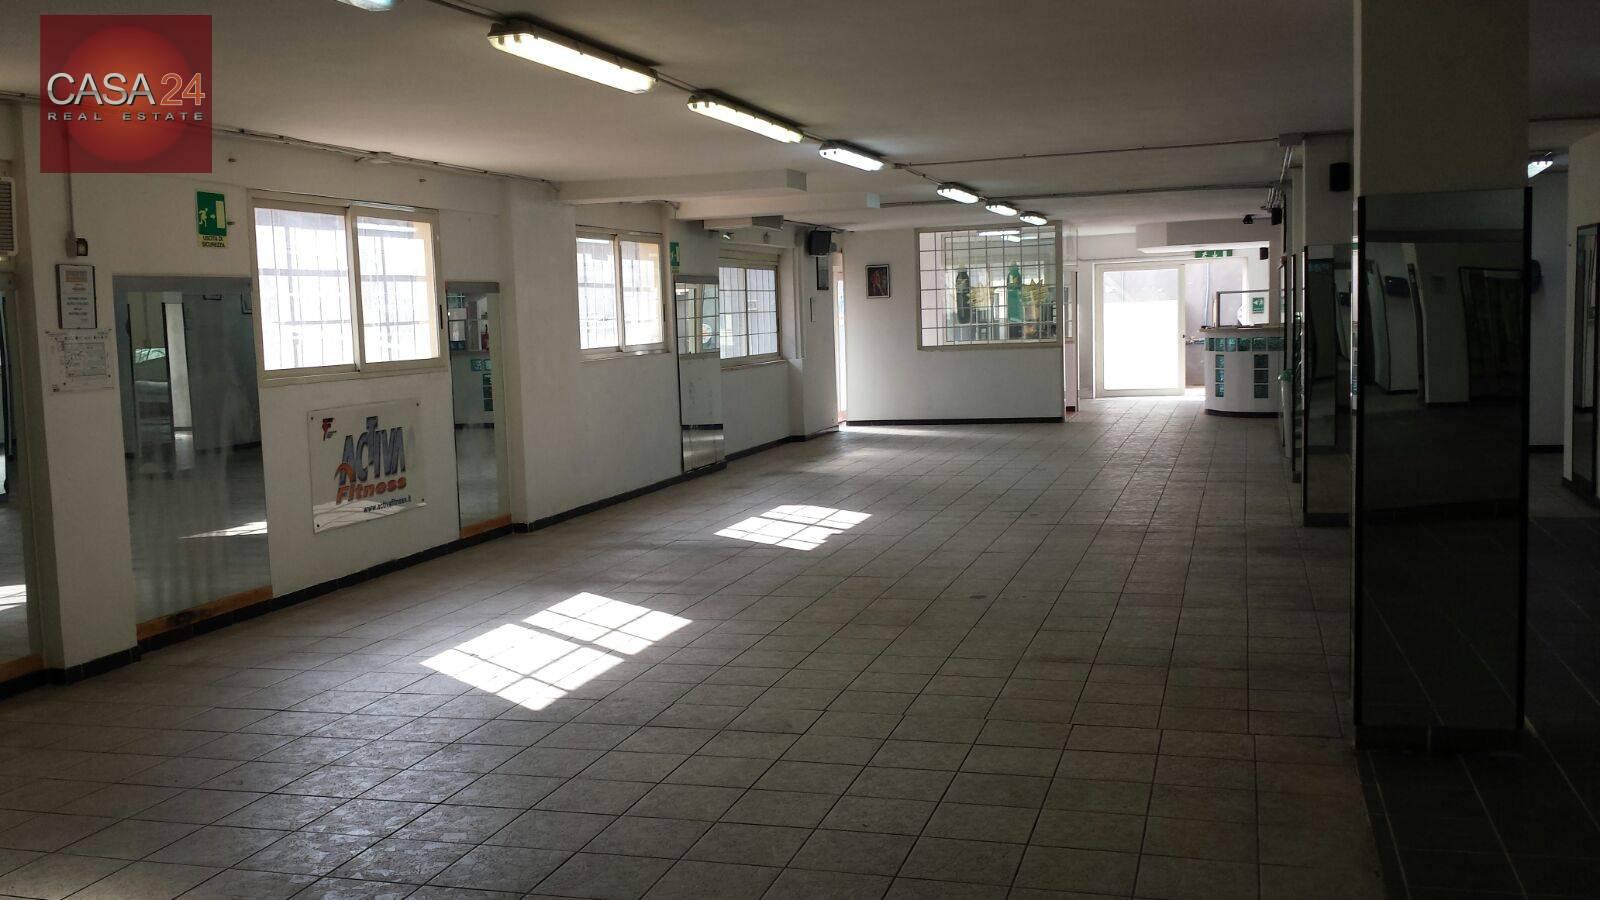 Magazzino in vendita a Latina, 9999 locali, zona Località: Q3CentroMorbella, prezzo € 250.000   CambioCasa.it